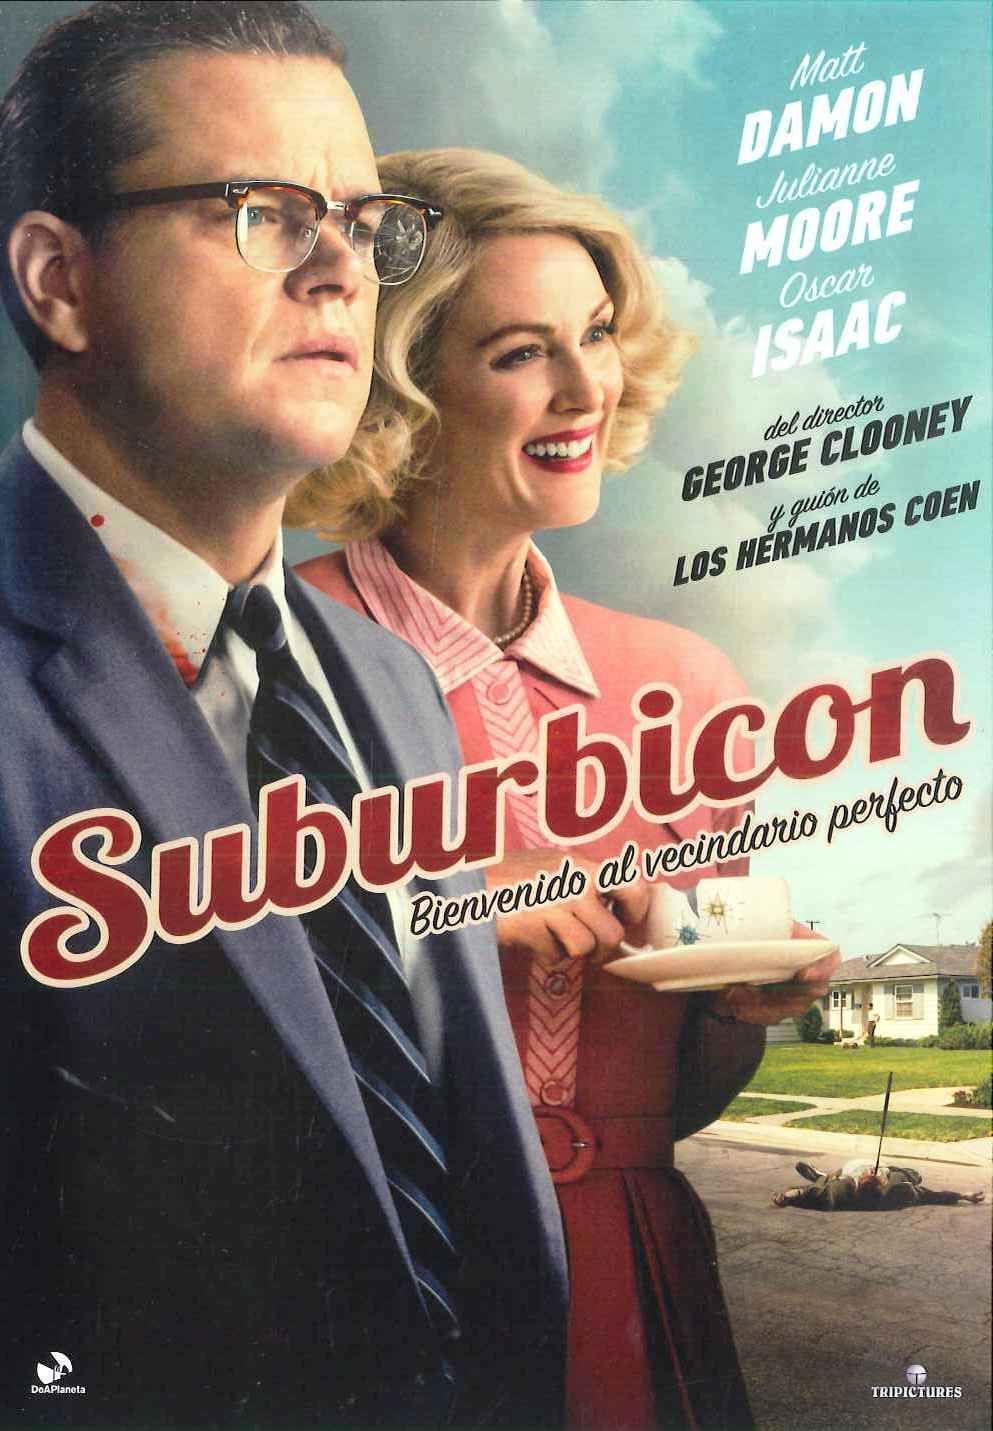 Suburbicon Estados Unidos 2017 Dirigida Por George Clooney Un Misterio Criminal Ambientado En Un Tranquilo Pueblo Familiar Norteamericano Dur George Clooney